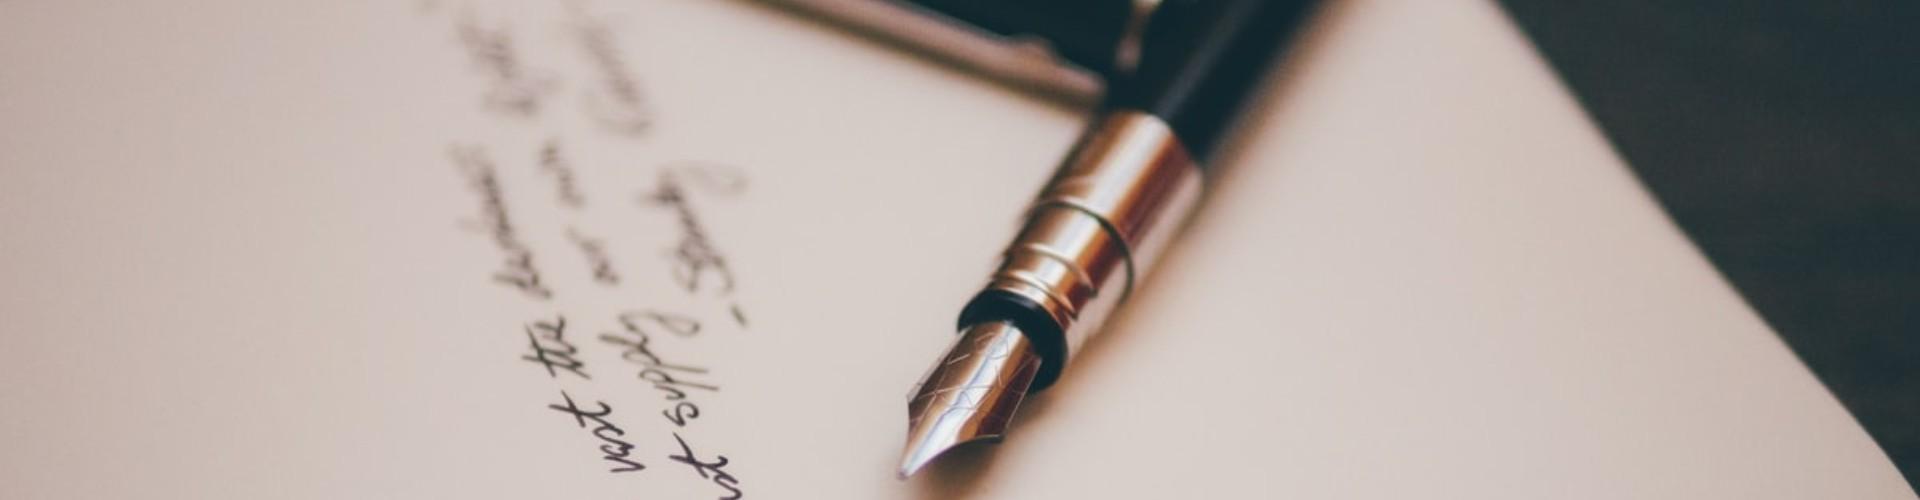 Lettre de motivation manuscrite : quand et comment l'écrire ?